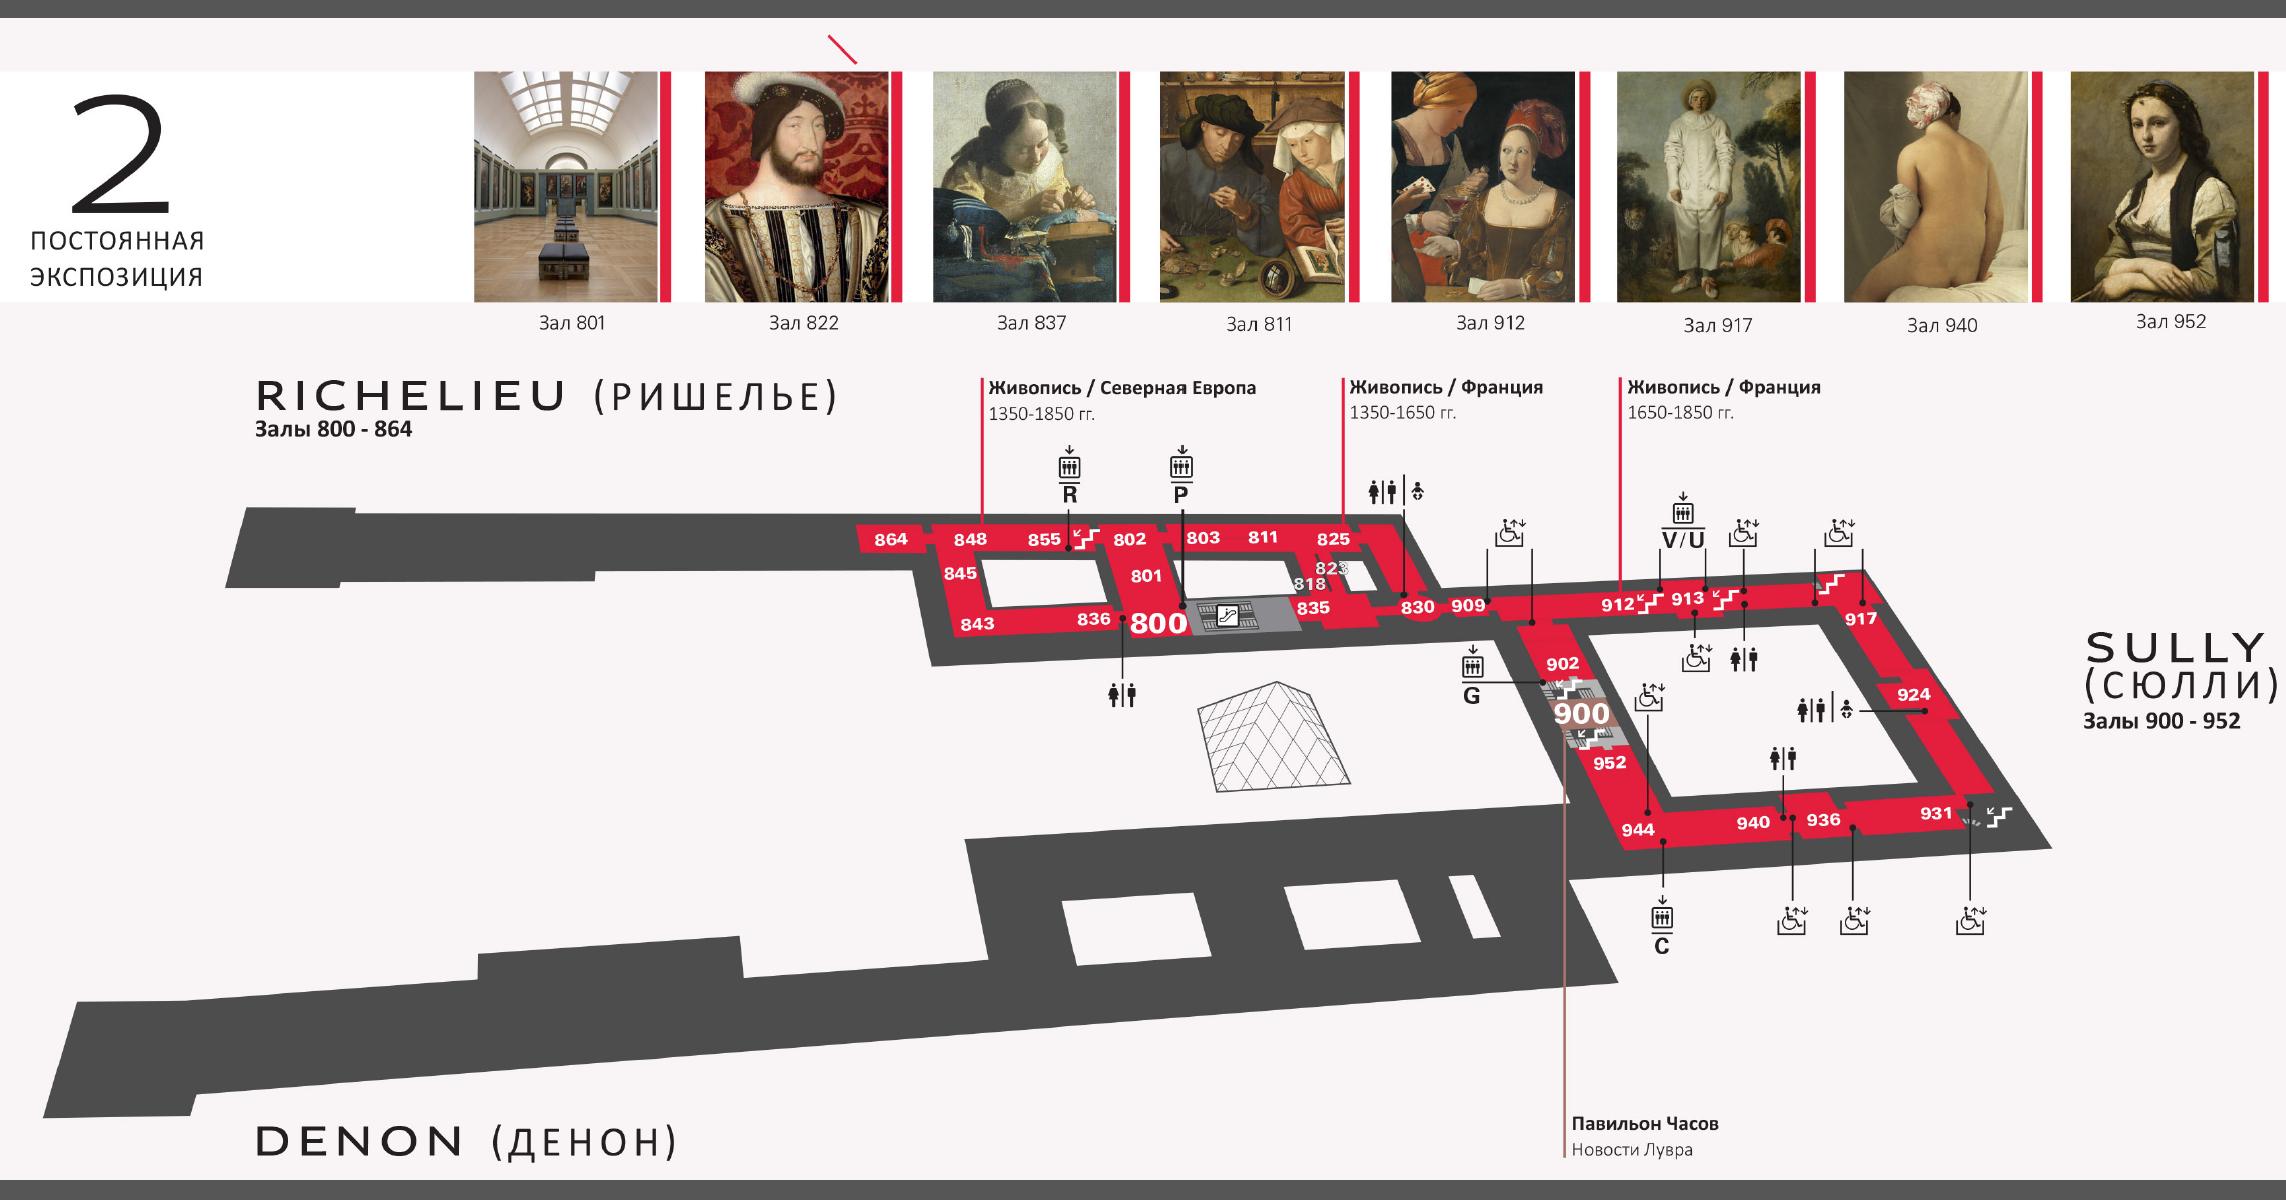 Второй этаж Лувра: что посмотреть